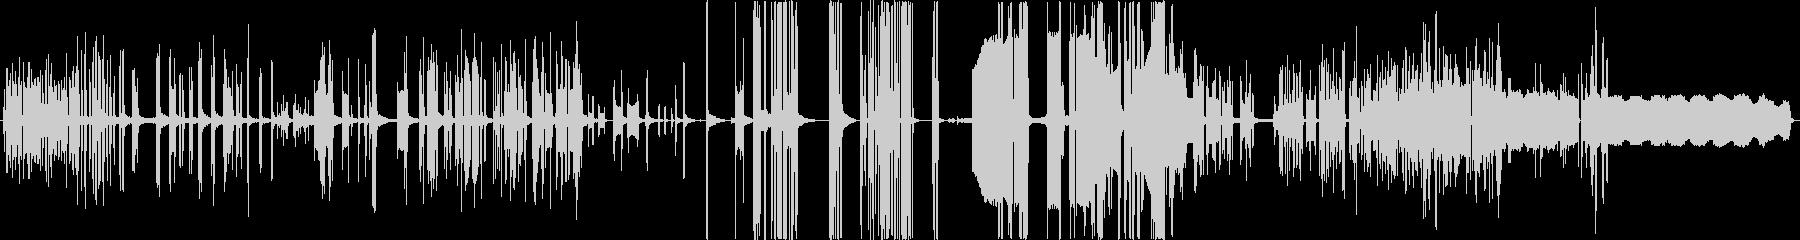 GUITAR AMPLIFIER:...の未再生の波形